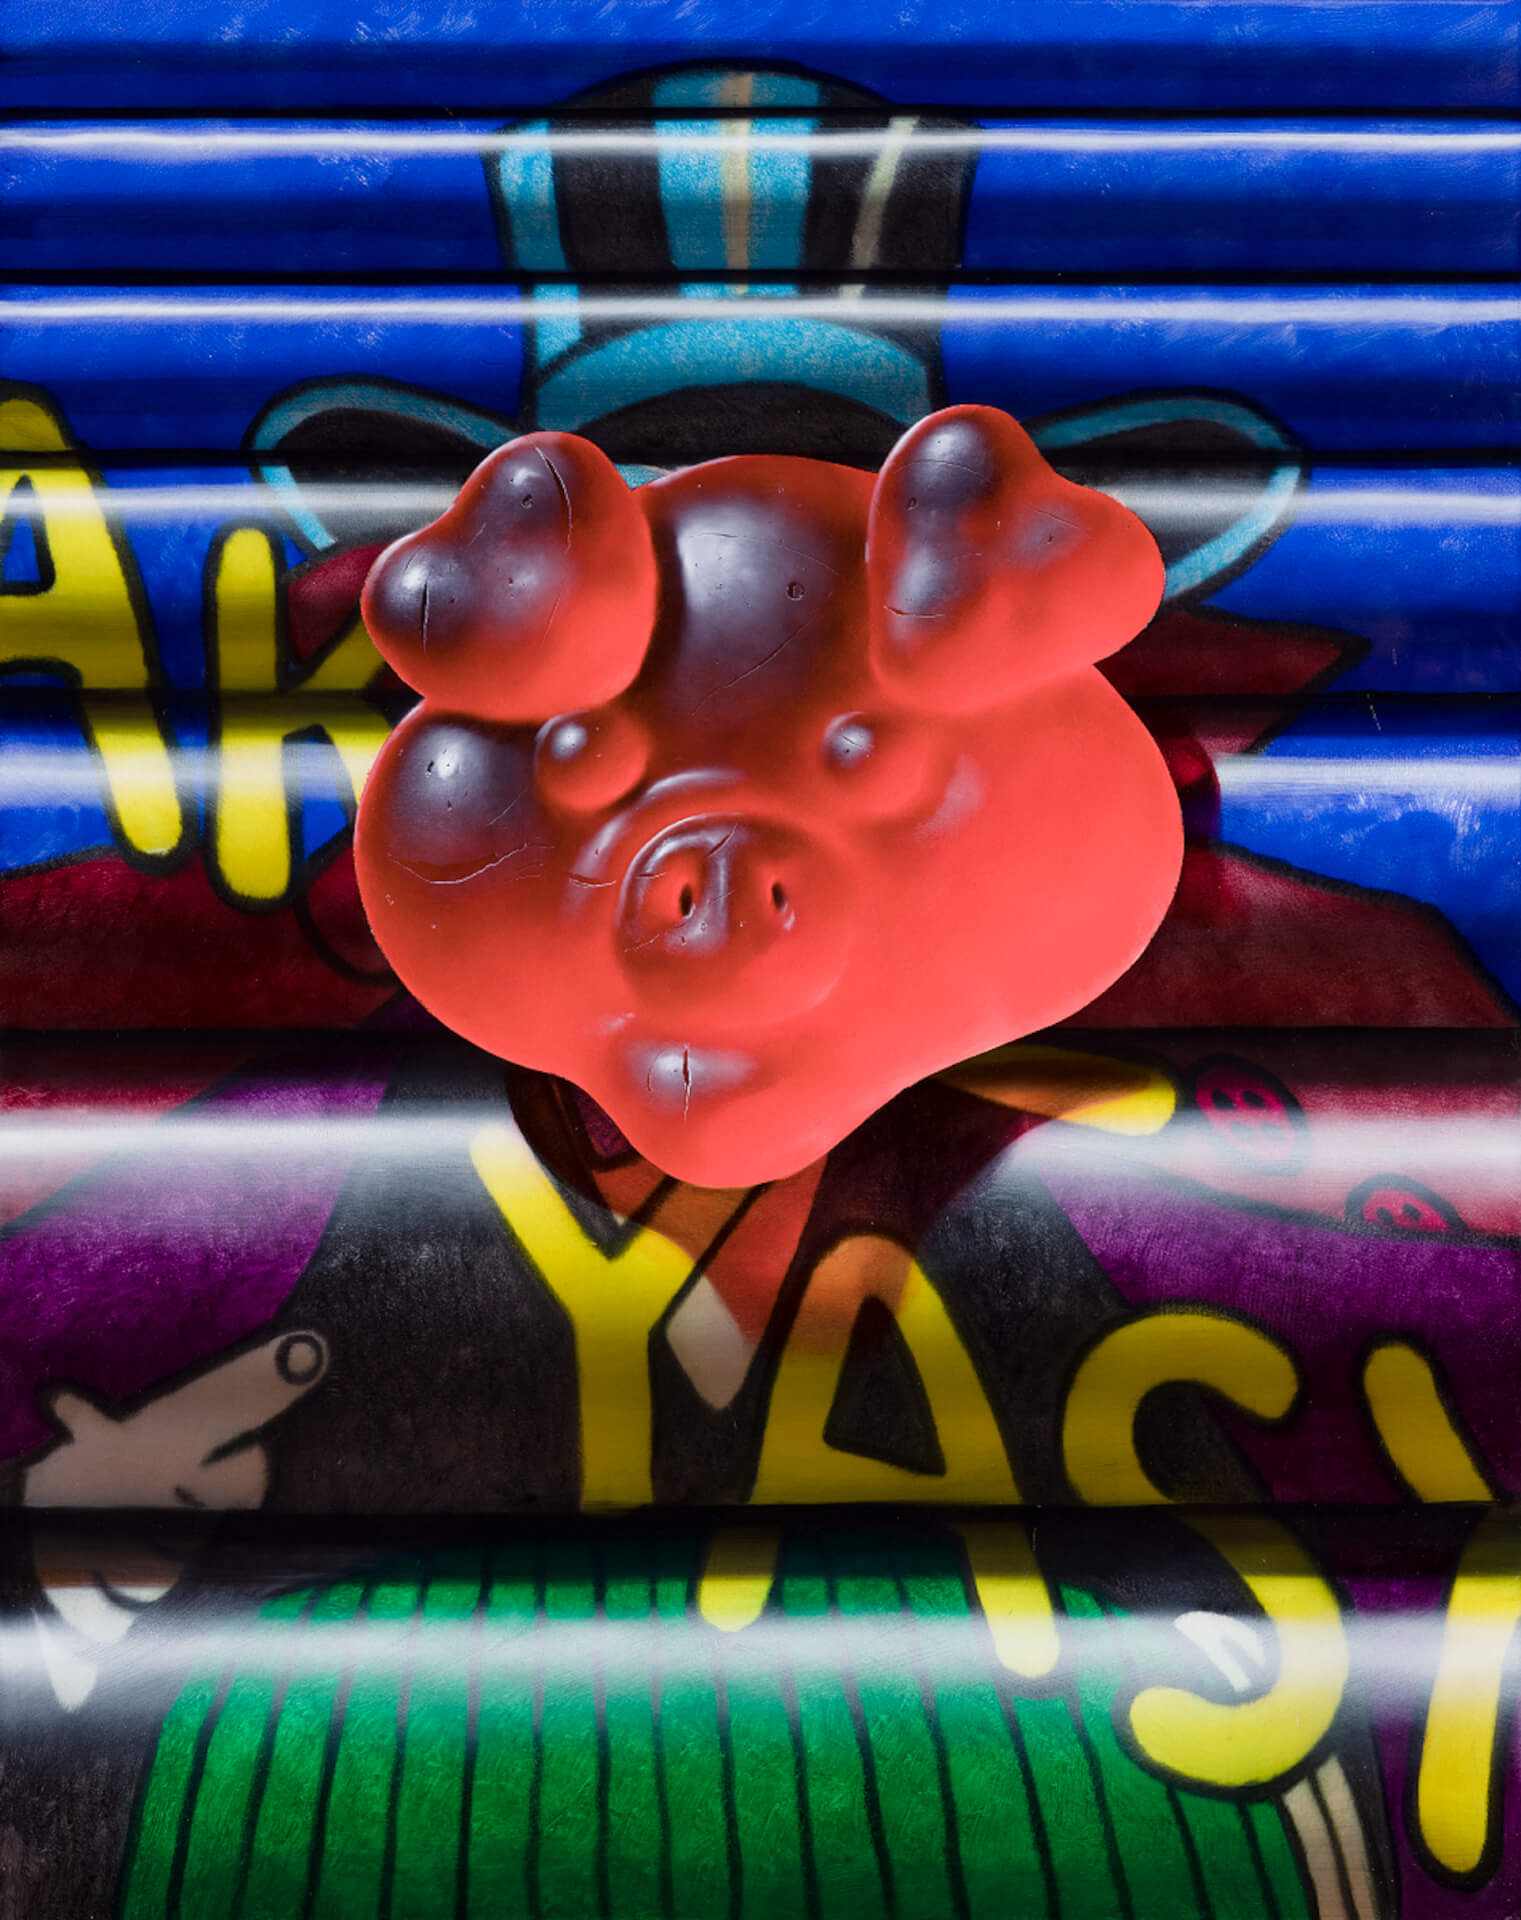 タトゥーを纏った肉塊を描くクリスチャン・レックス・ヴァン・ミネンの日本初個展が東京3会場で開催! art210804_nanzuka-01